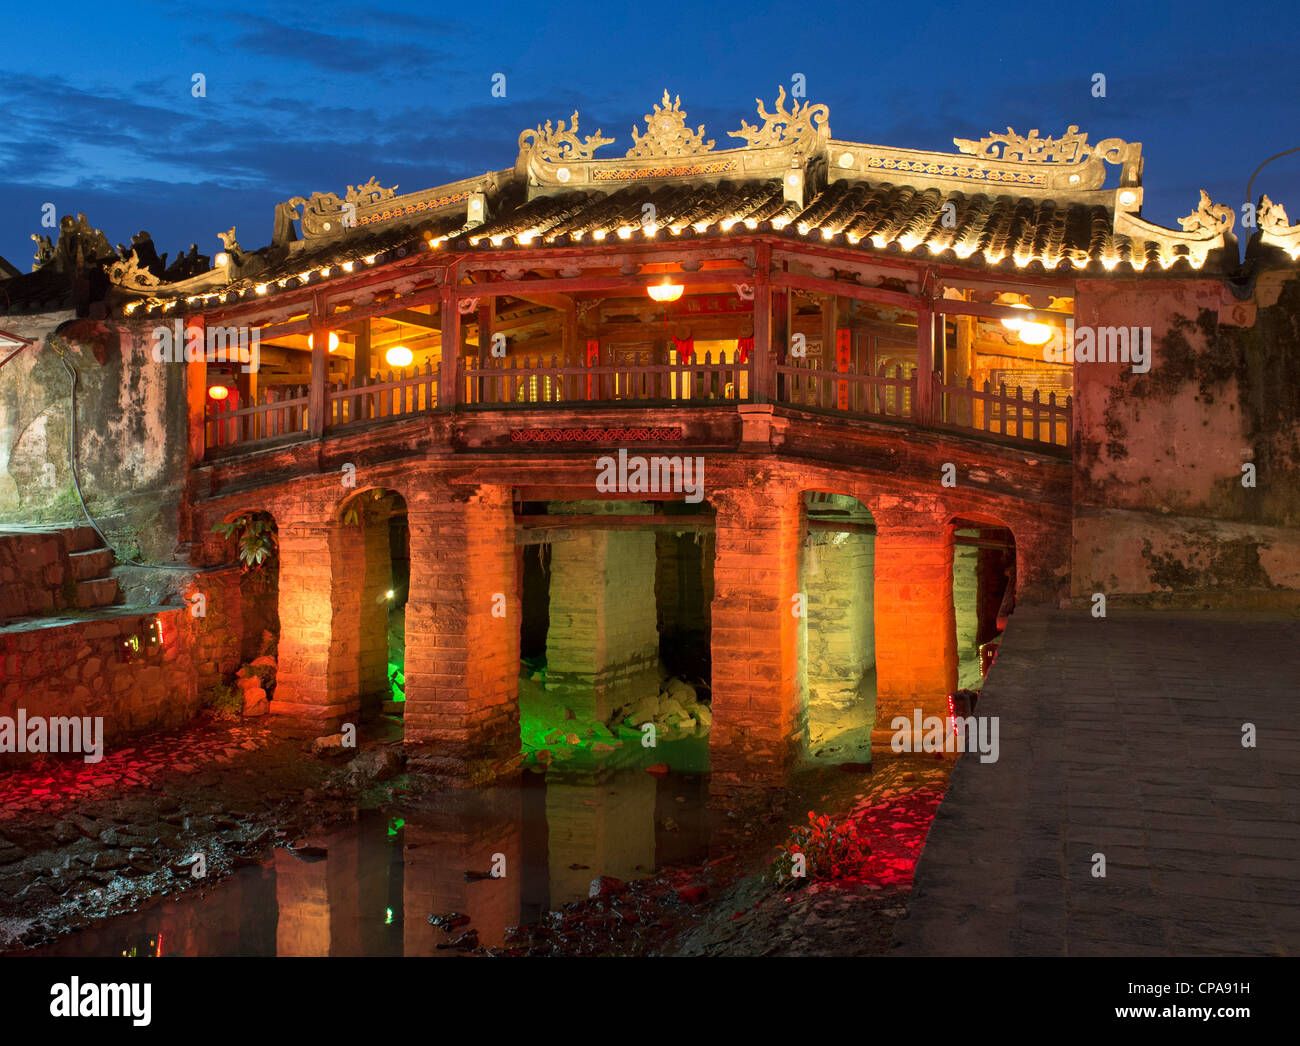 Allumé en vue de nuit le pont couvert japonais historique patrimoine de l'UNESCO dans la ville de Hoi An Photo Stock